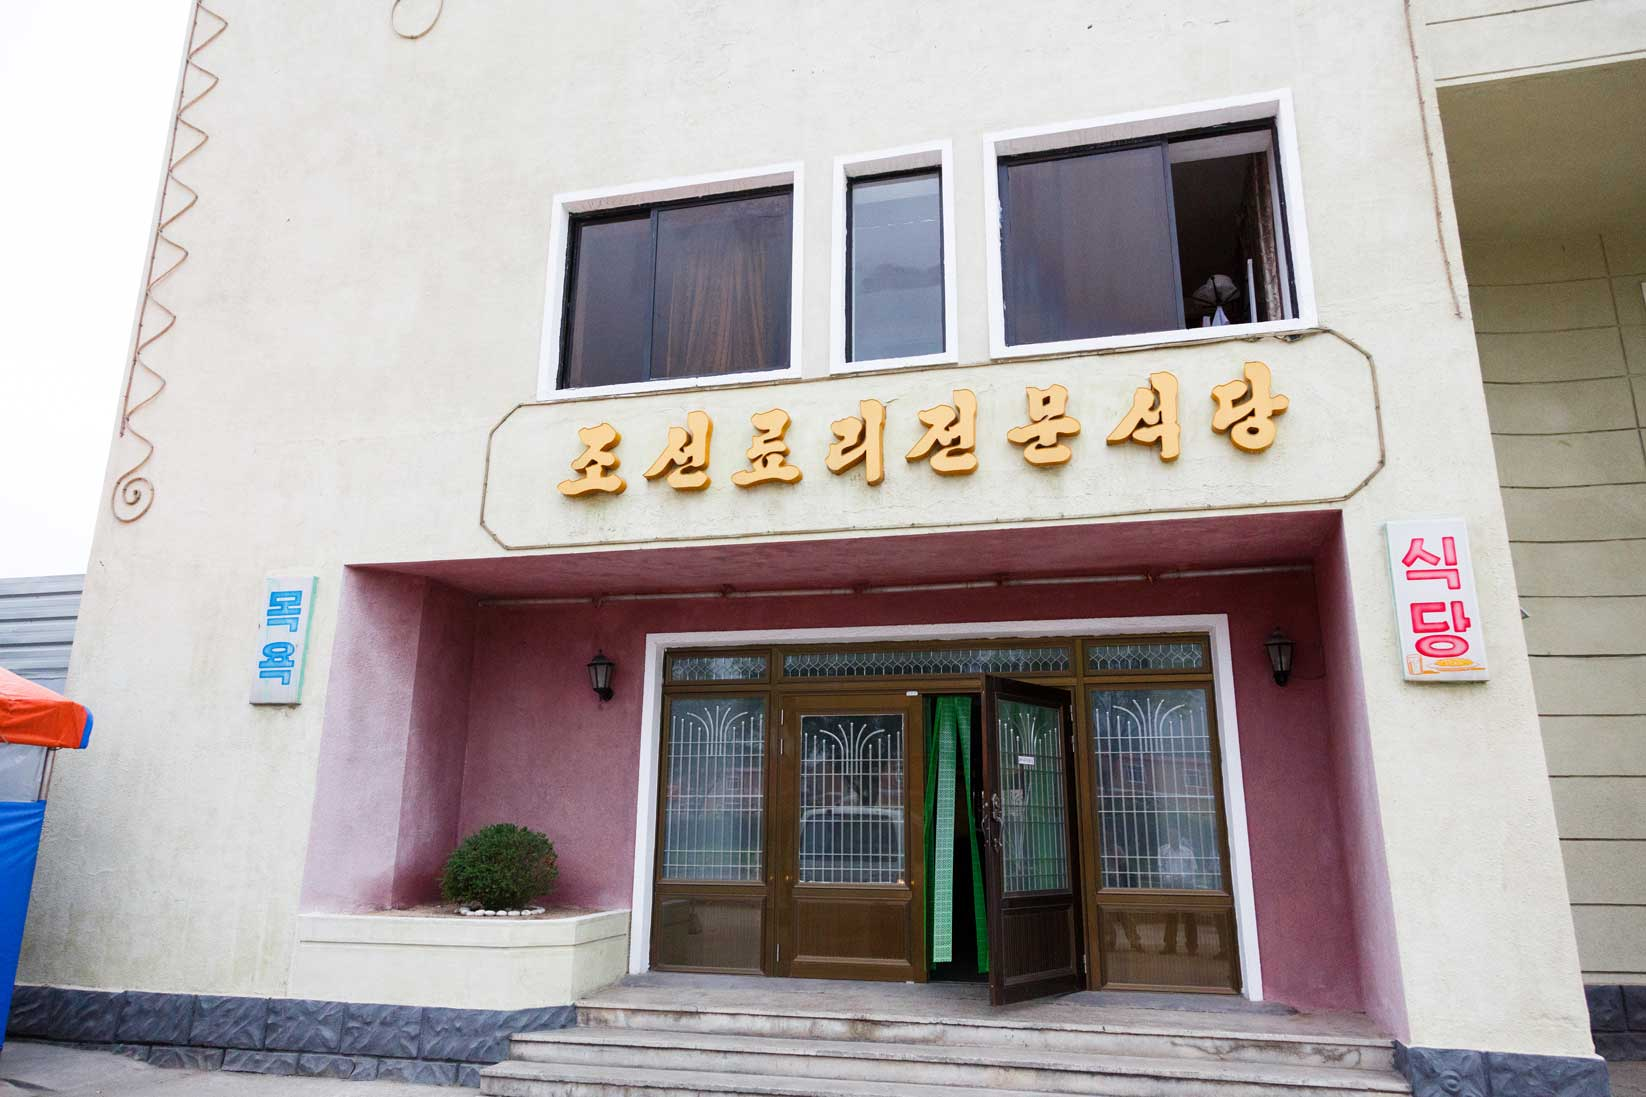 2014年版 北朝鮮のグルメ5泊6日のすべて【後編】_b0235153_23493960.jpg